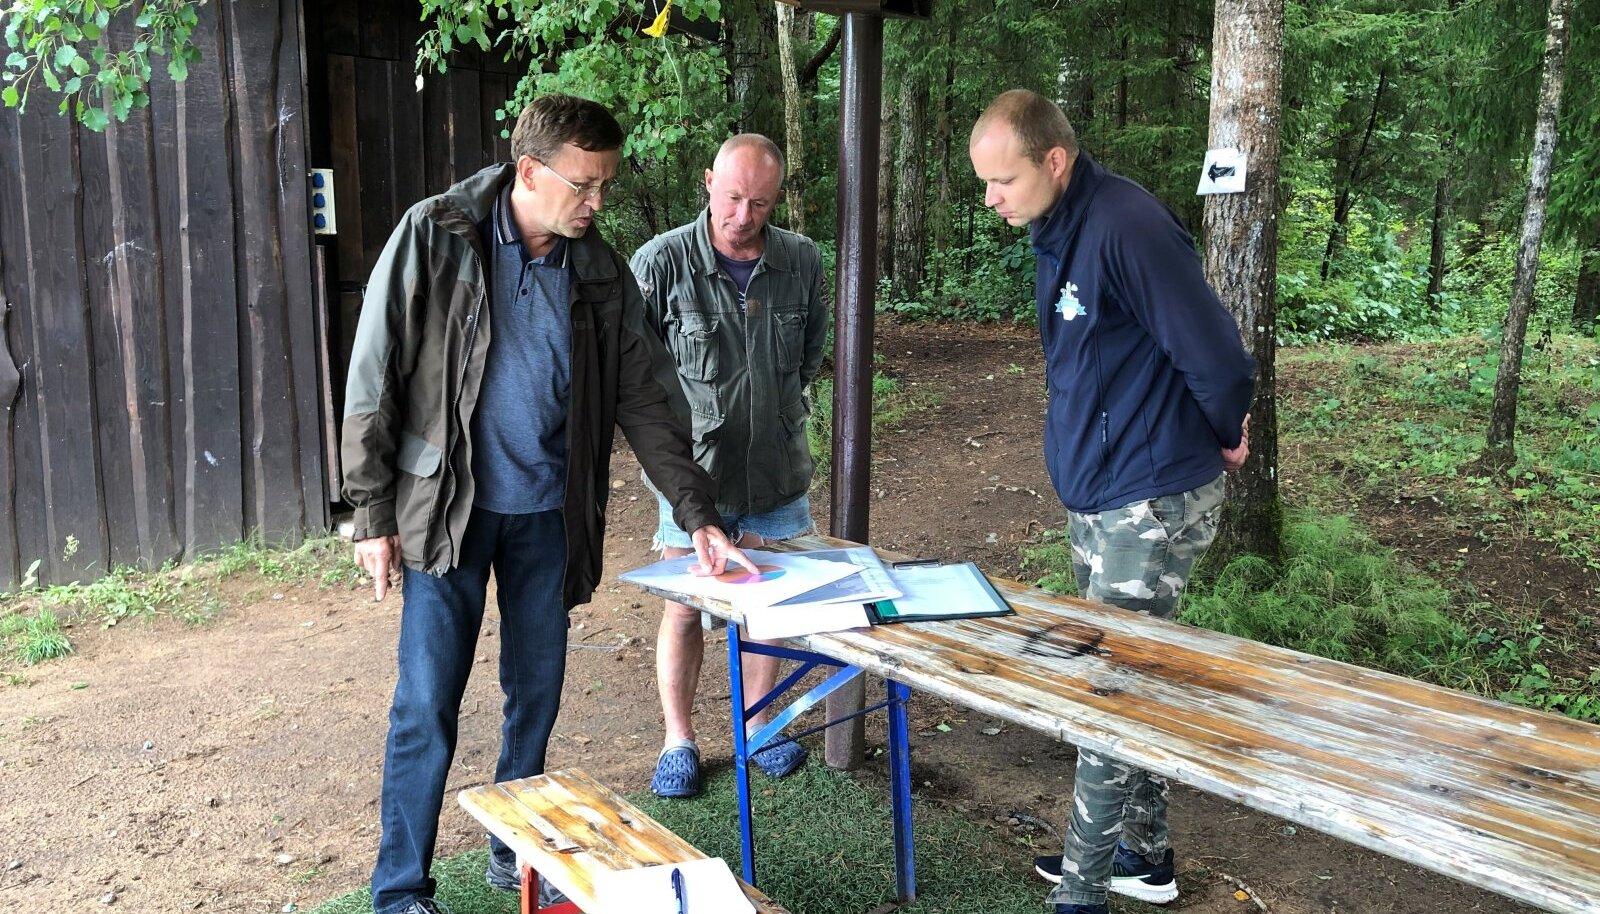 Augustis toimunud arutelu Harjumaal Paunküla Heaolukeskuse juures. Sealse keskuse töötajad tundsid muret, et raiuma hakatakse metsatukas, kus nad <em>paintball</em>'i-mänge korraldavad. Metsaülem Andrus Kevvai (vasakul) kinnitas, et seda ei tehta.